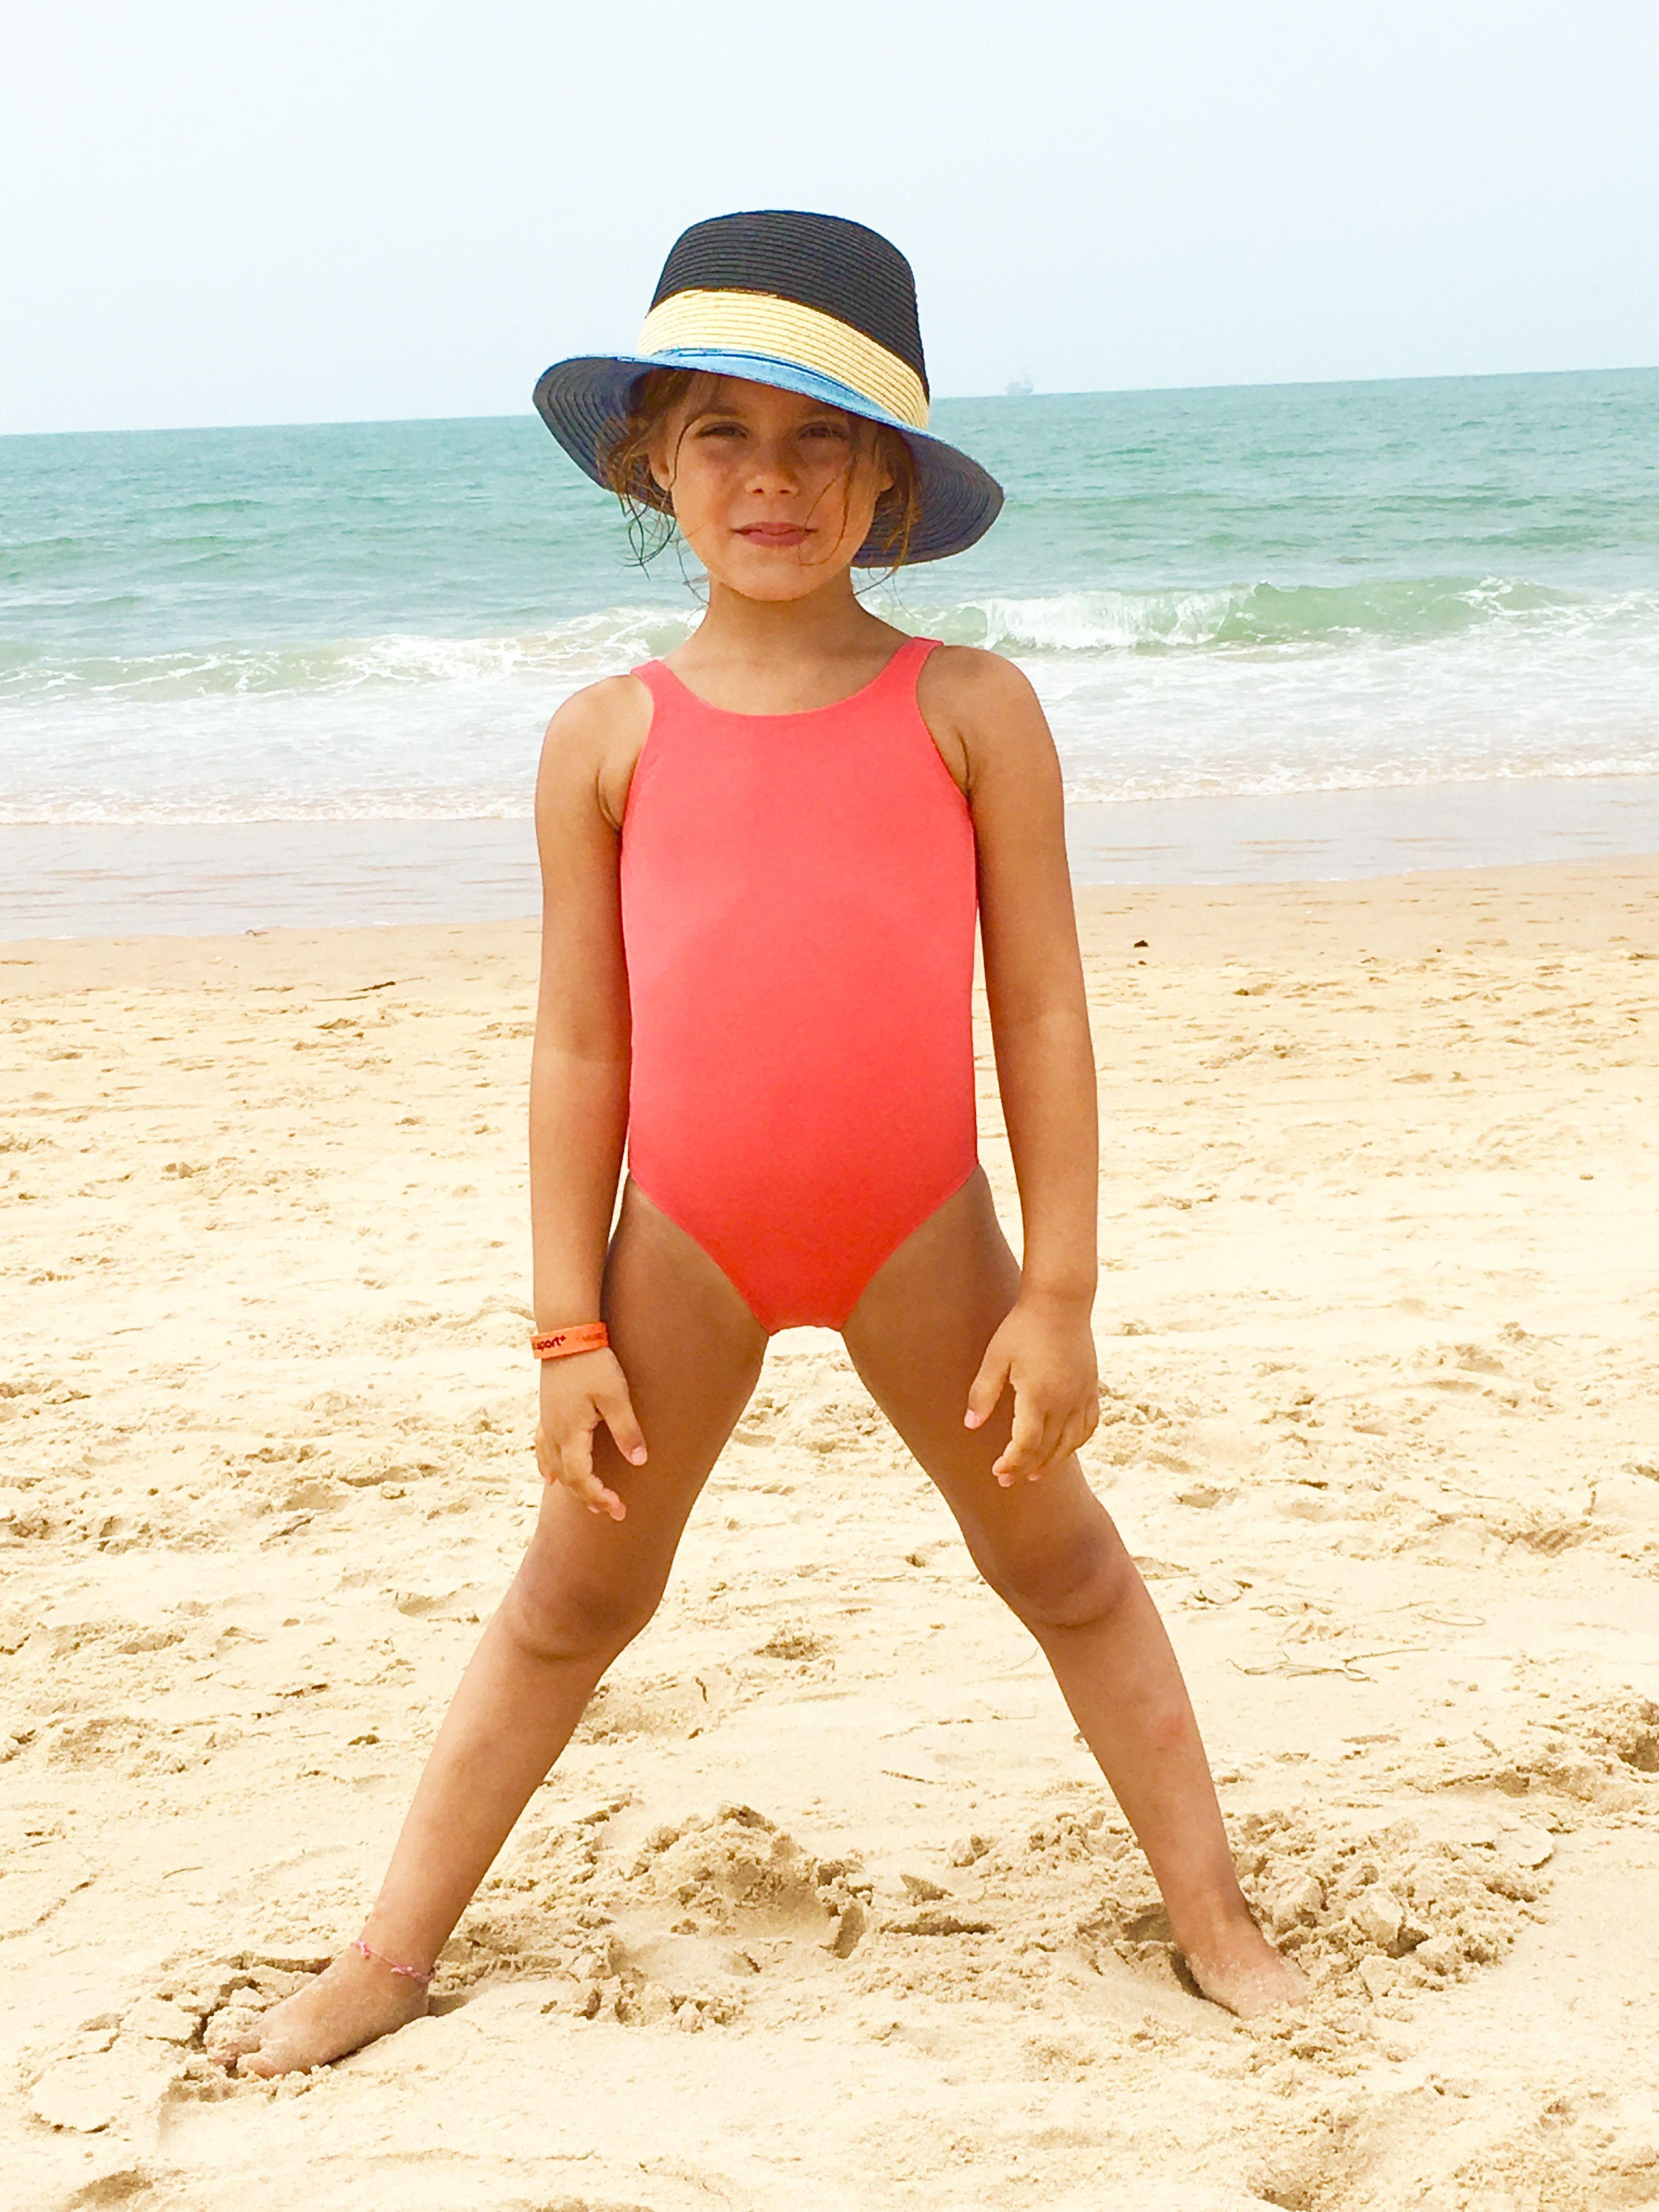 d448ad52a Bañador para niña To the Moon. Shop online. Swimsuit for girl. Shop online